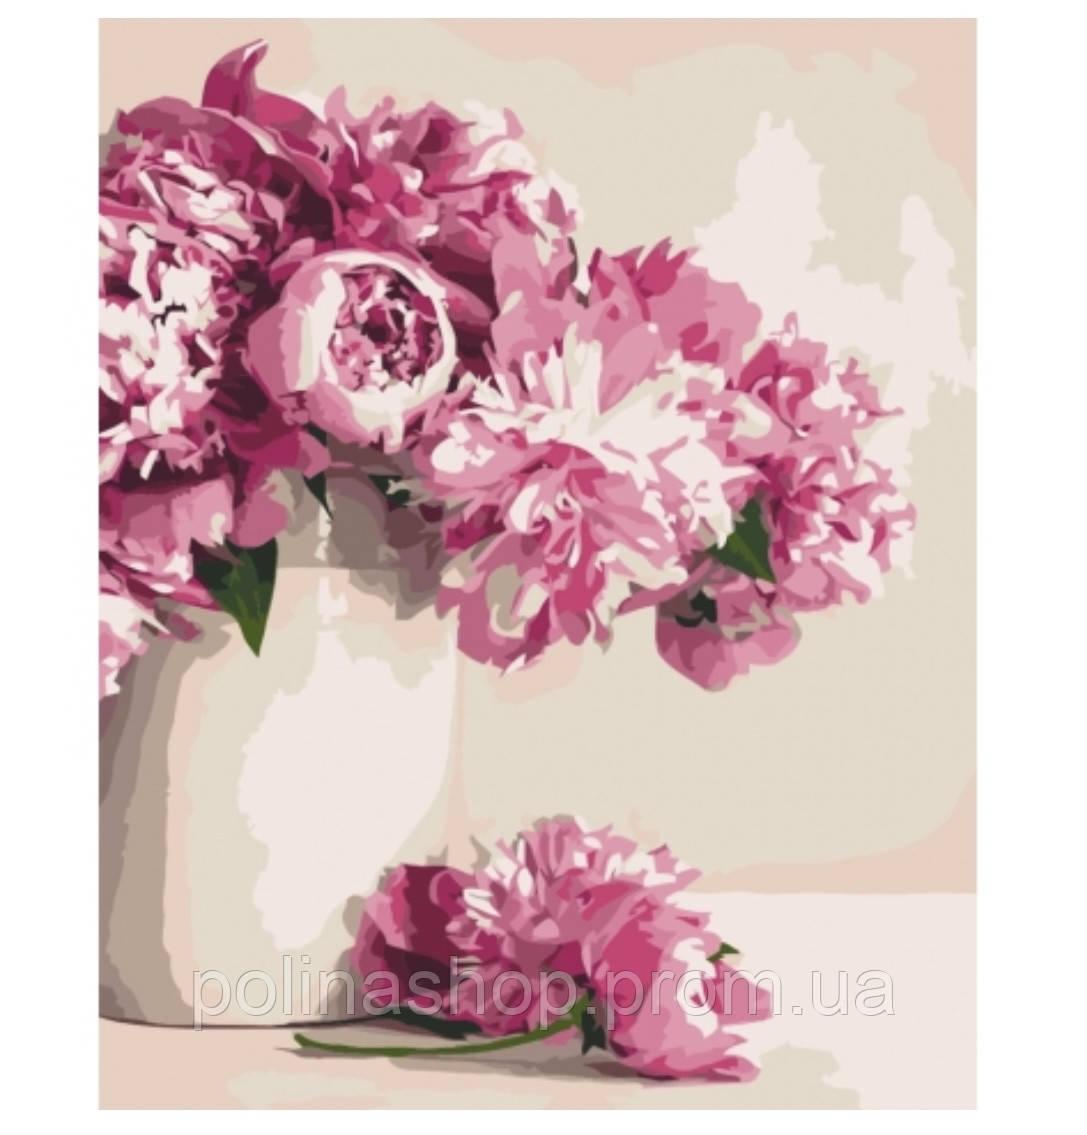 Картина по номерам. Цветы, букеты, натюрморт «Бархатные пионы» 40х50 см